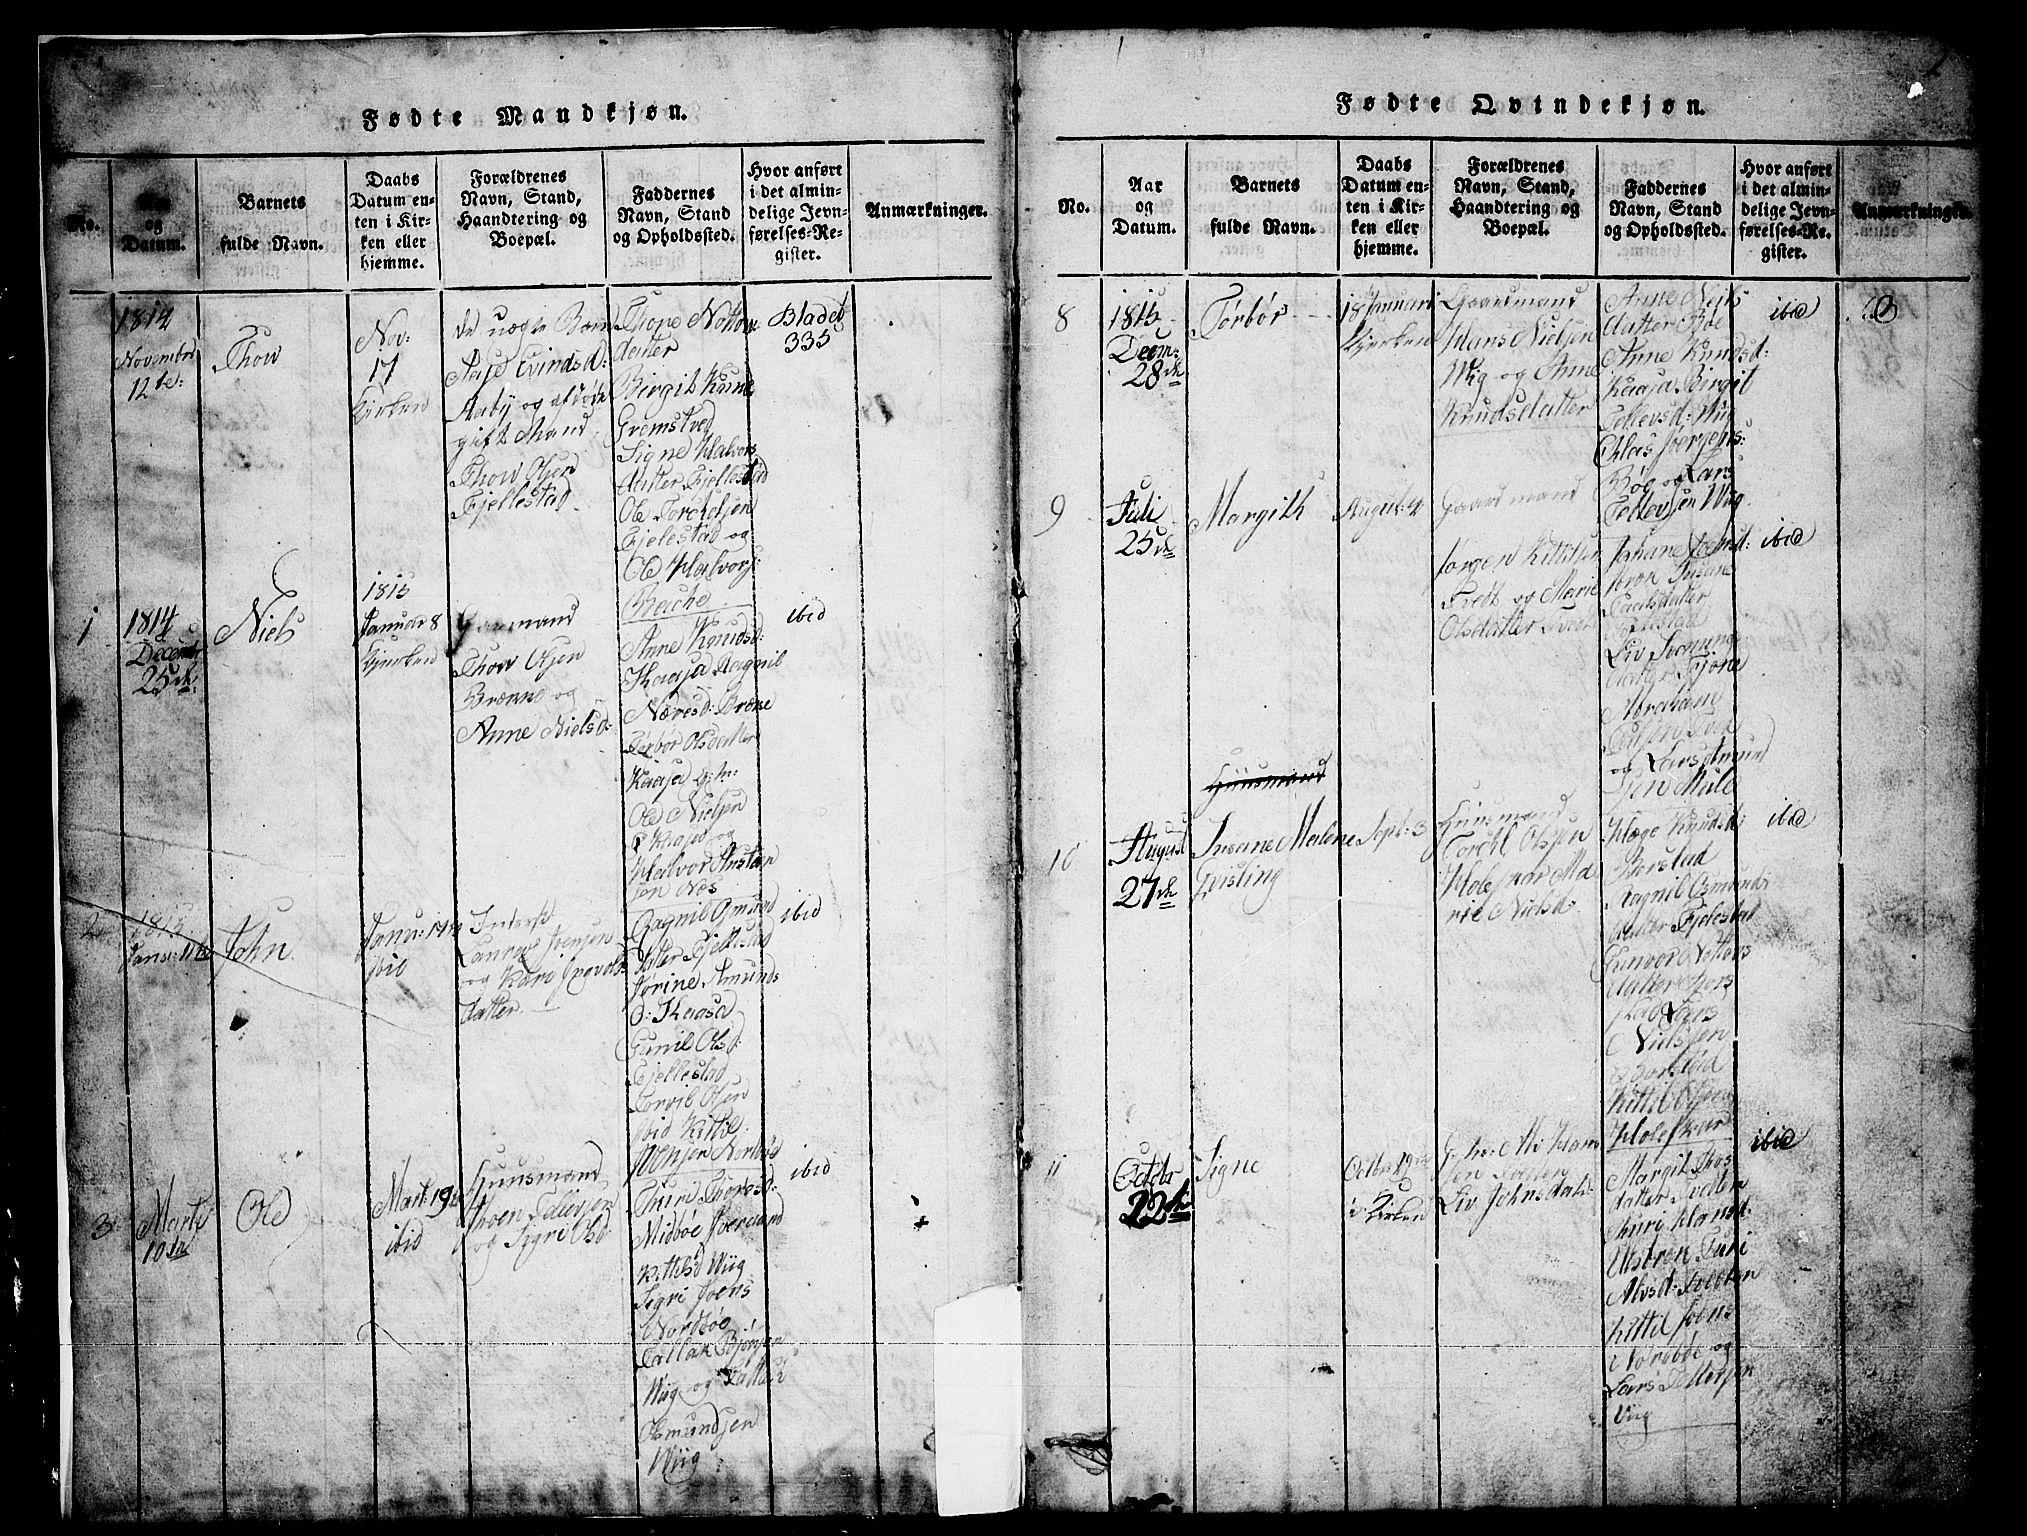 SAKO, Nissedal kirkebøker, G/Ga/L0001: Klokkerbok nr. I 1, 1814-1860, s. 2